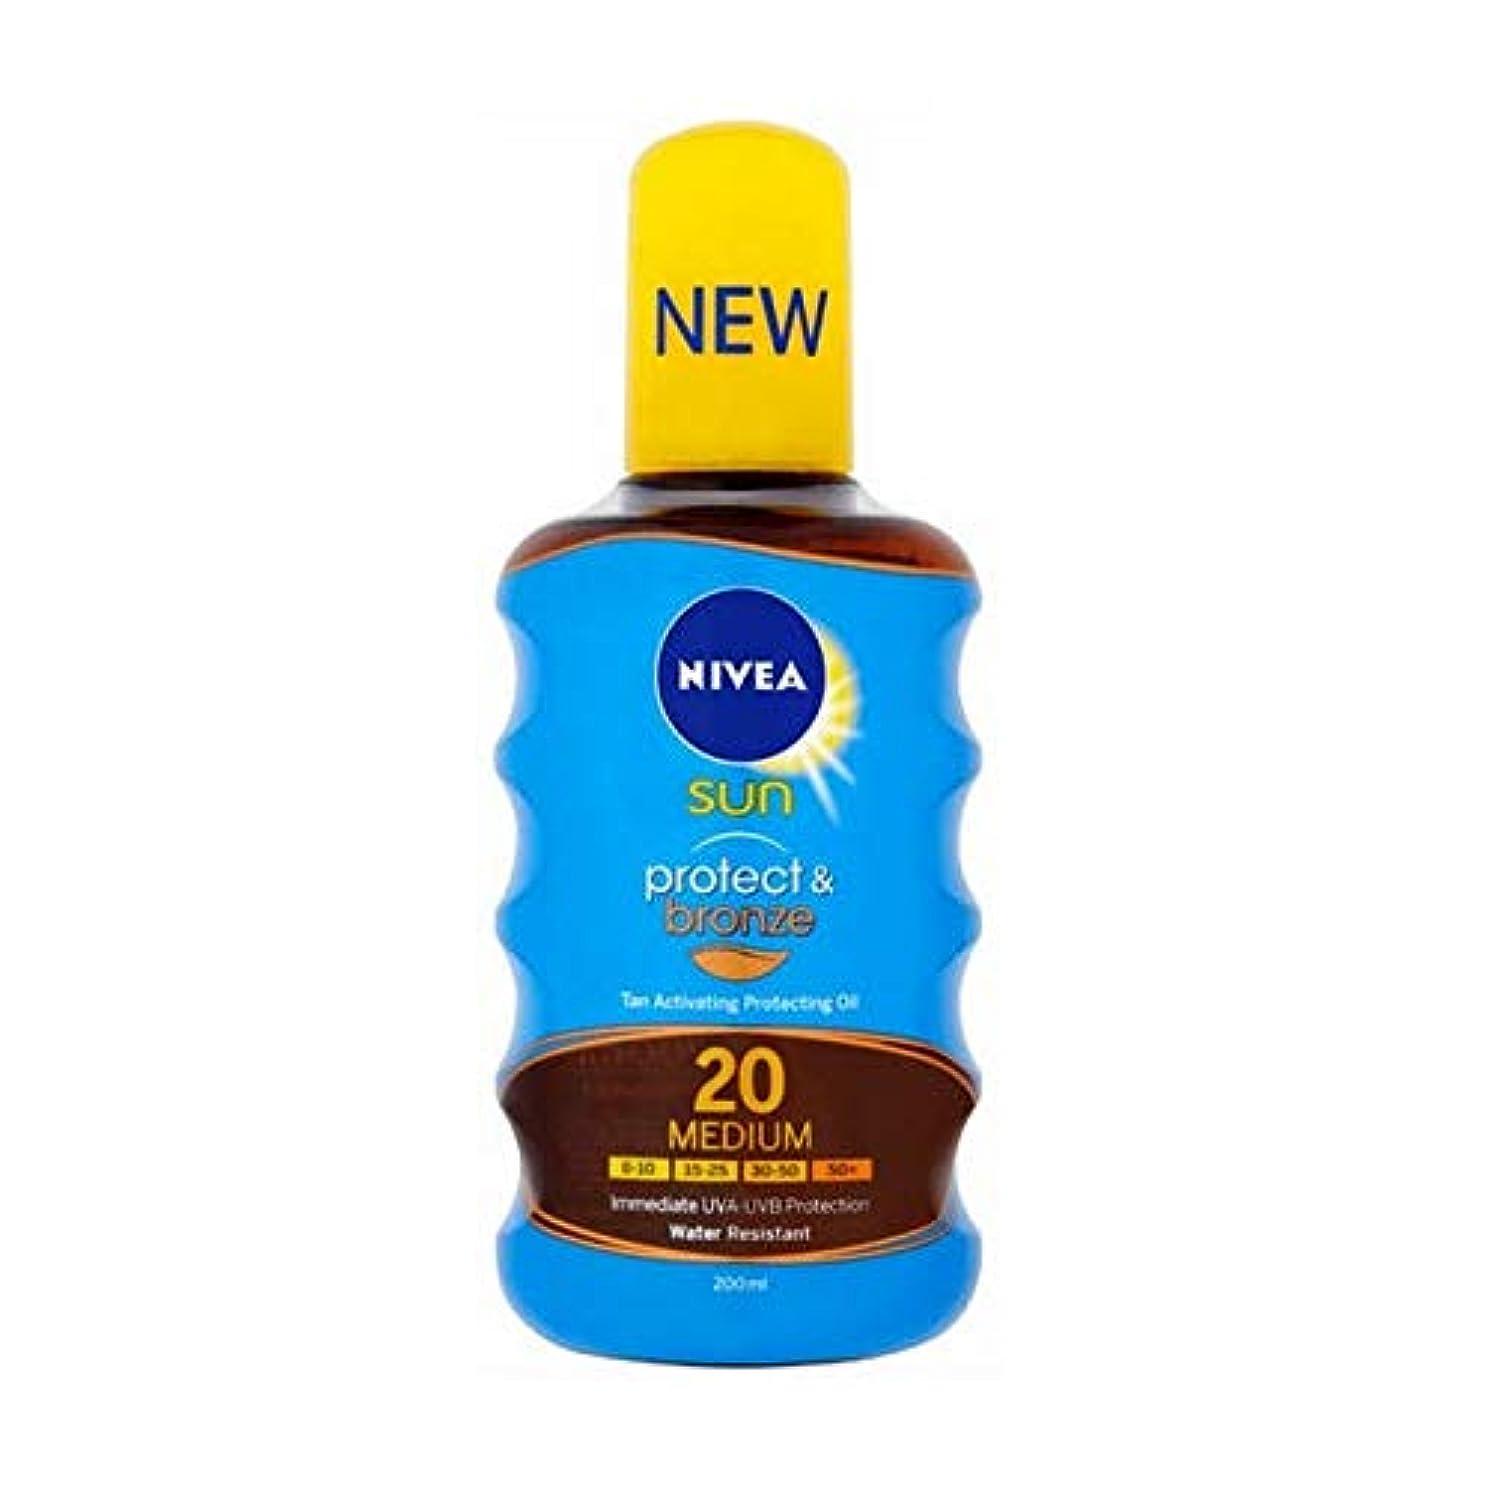 思われるシーケンス脊椎[Nivea ] ニベア日焼けオイルSpf20プロテクト&ブロンズ200ミリリットル活性化 - NIVEA SUN Tan Activating Oil SPF20 Protect&Bronze 200ml [並行輸入品]